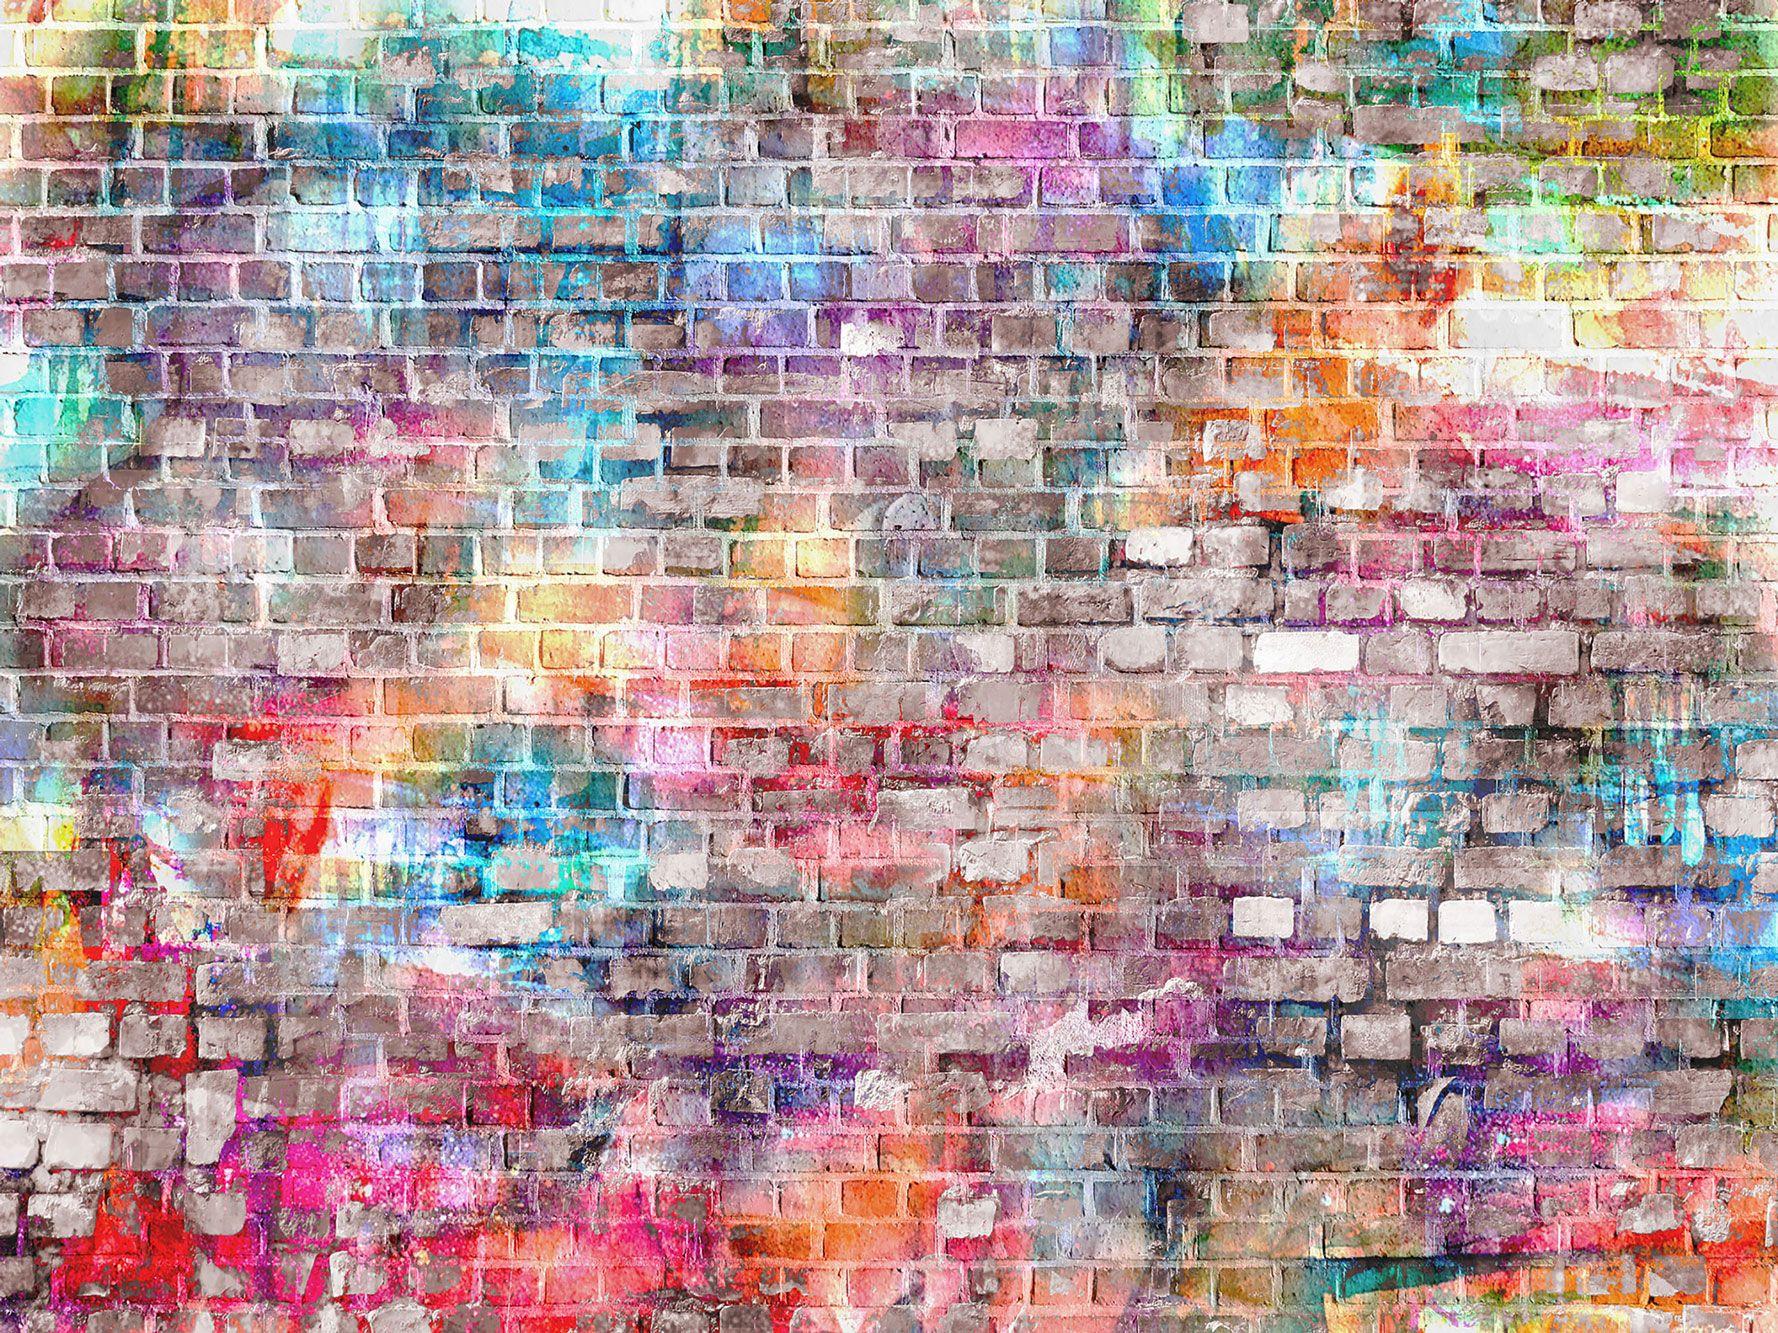 Цветные кирпичные стены виниловые фотографии фонов граффити новорожденный ребенок фото стенд фоны для детей День Рождения студия реквизит